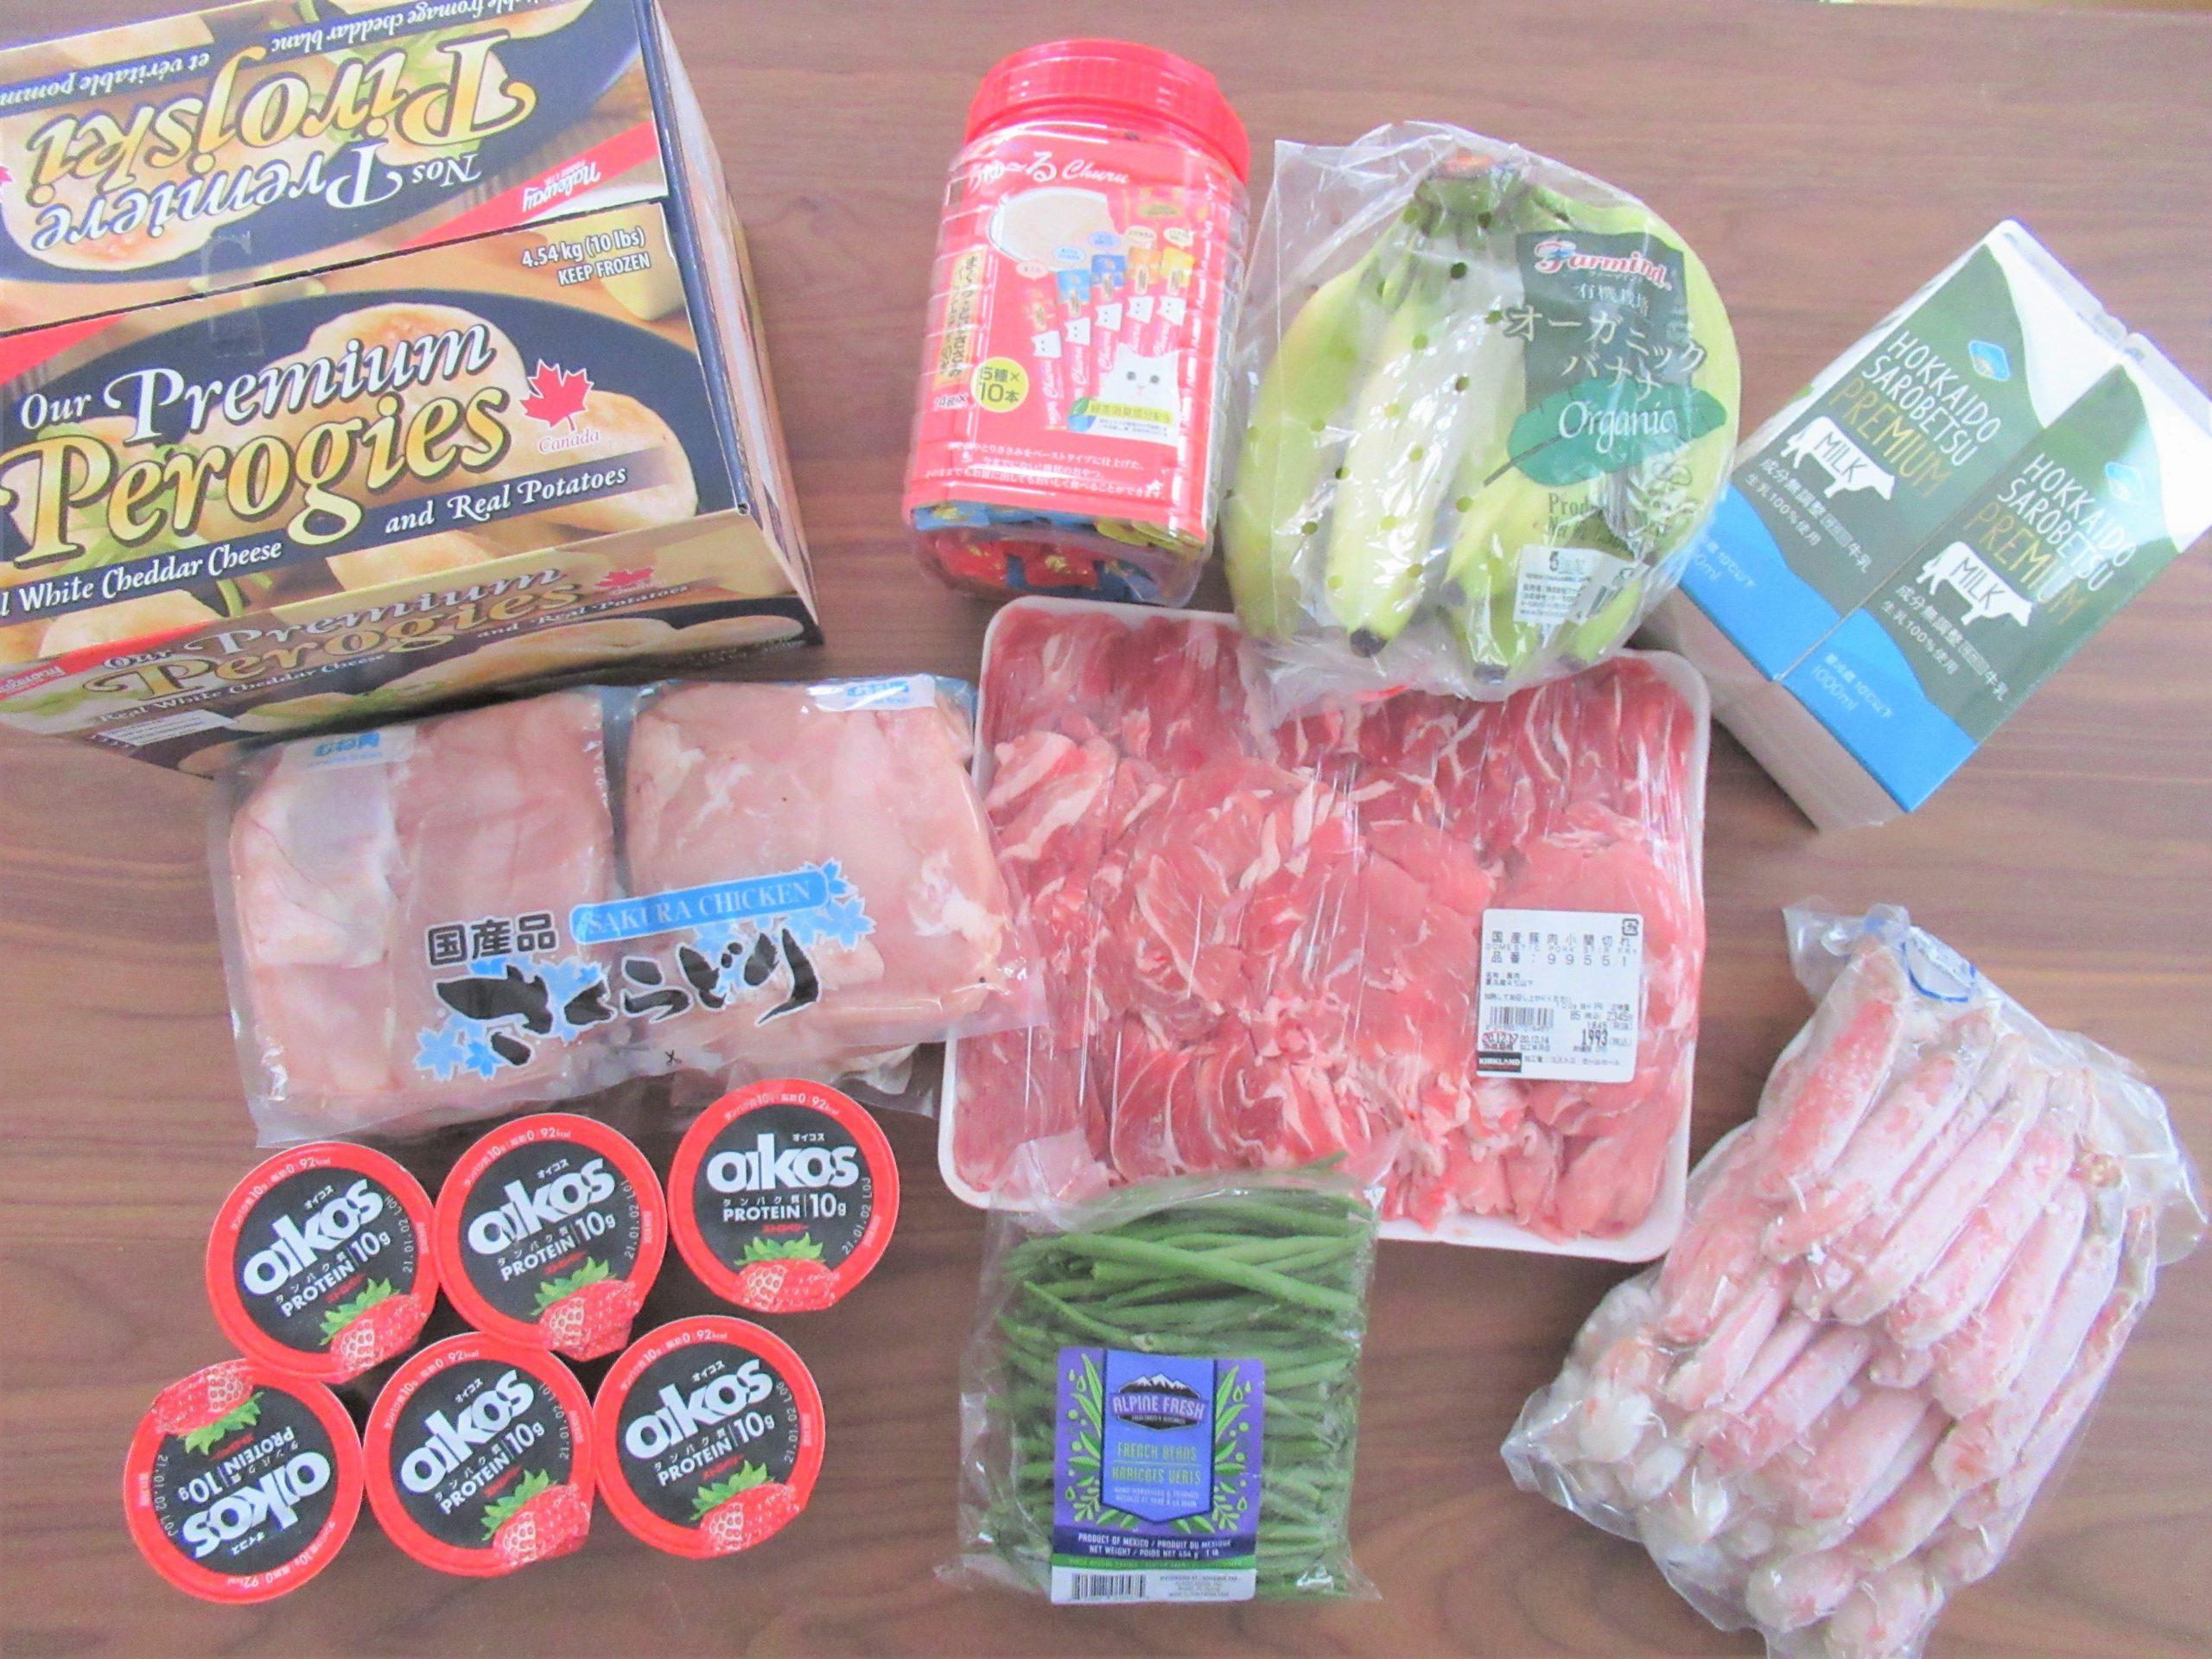 【コストコ】購入品一覧と値段をブログで紹介「リピ商品」は?